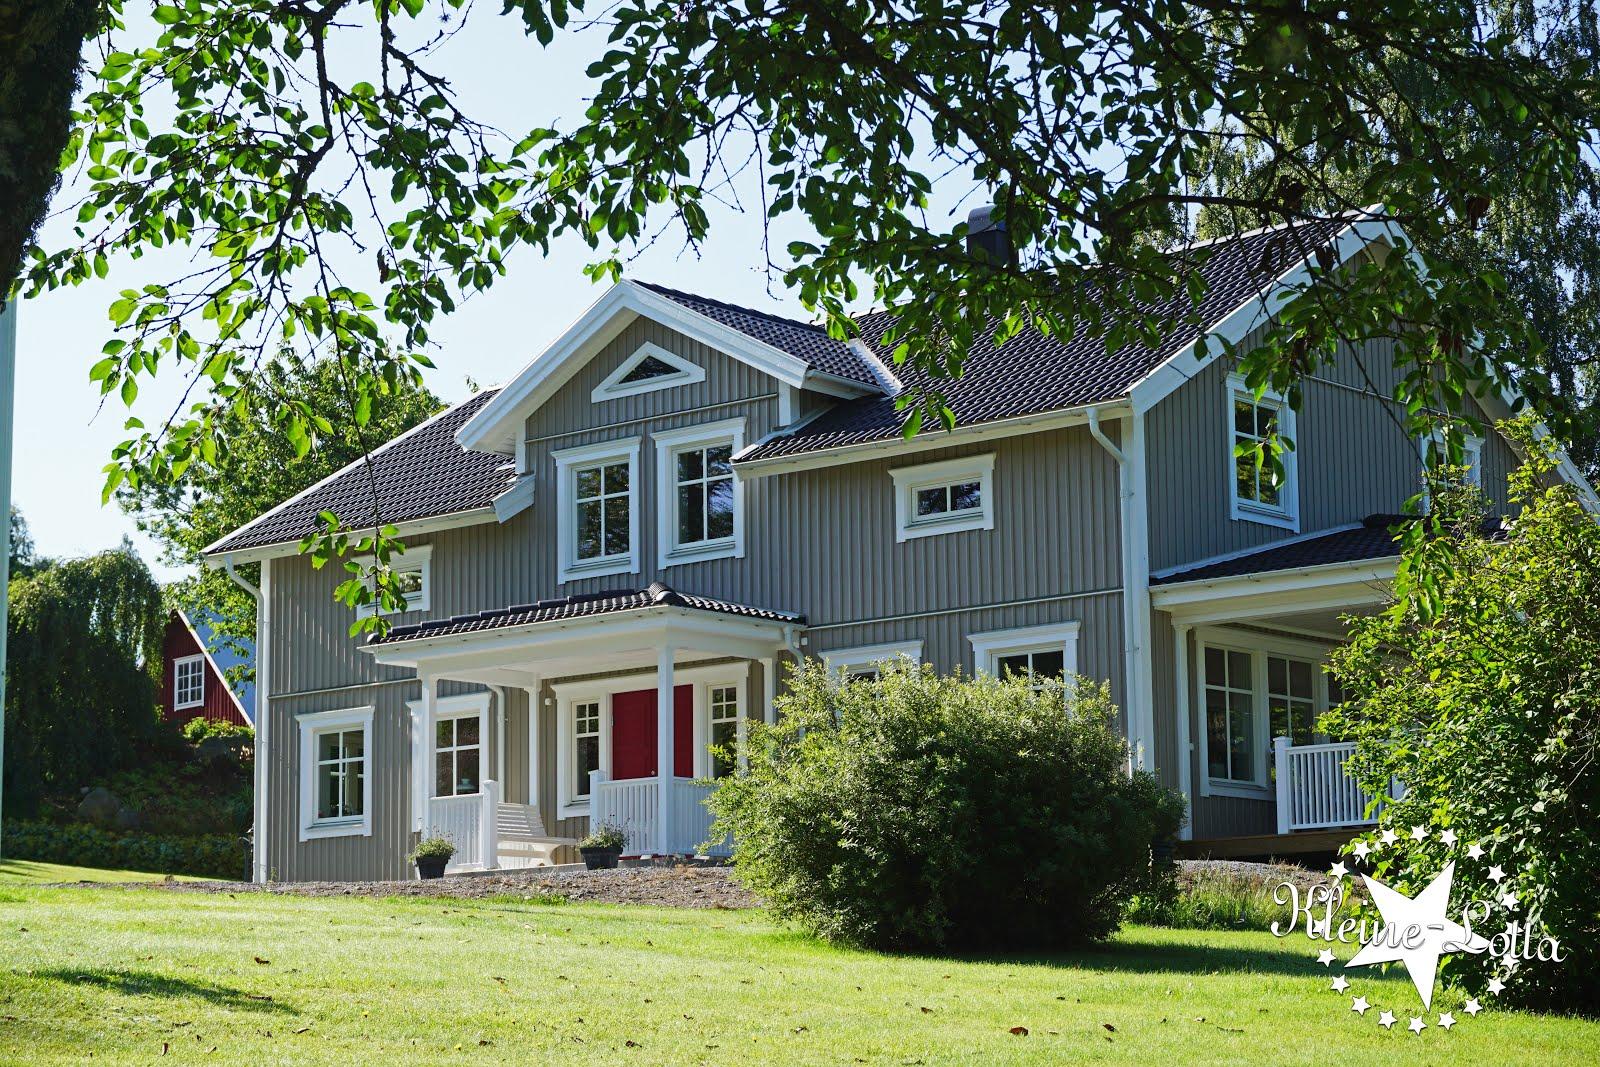 kleine lotta unser schwedenhaus r rvikshus in schweden. Black Bedroom Furniture Sets. Home Design Ideas